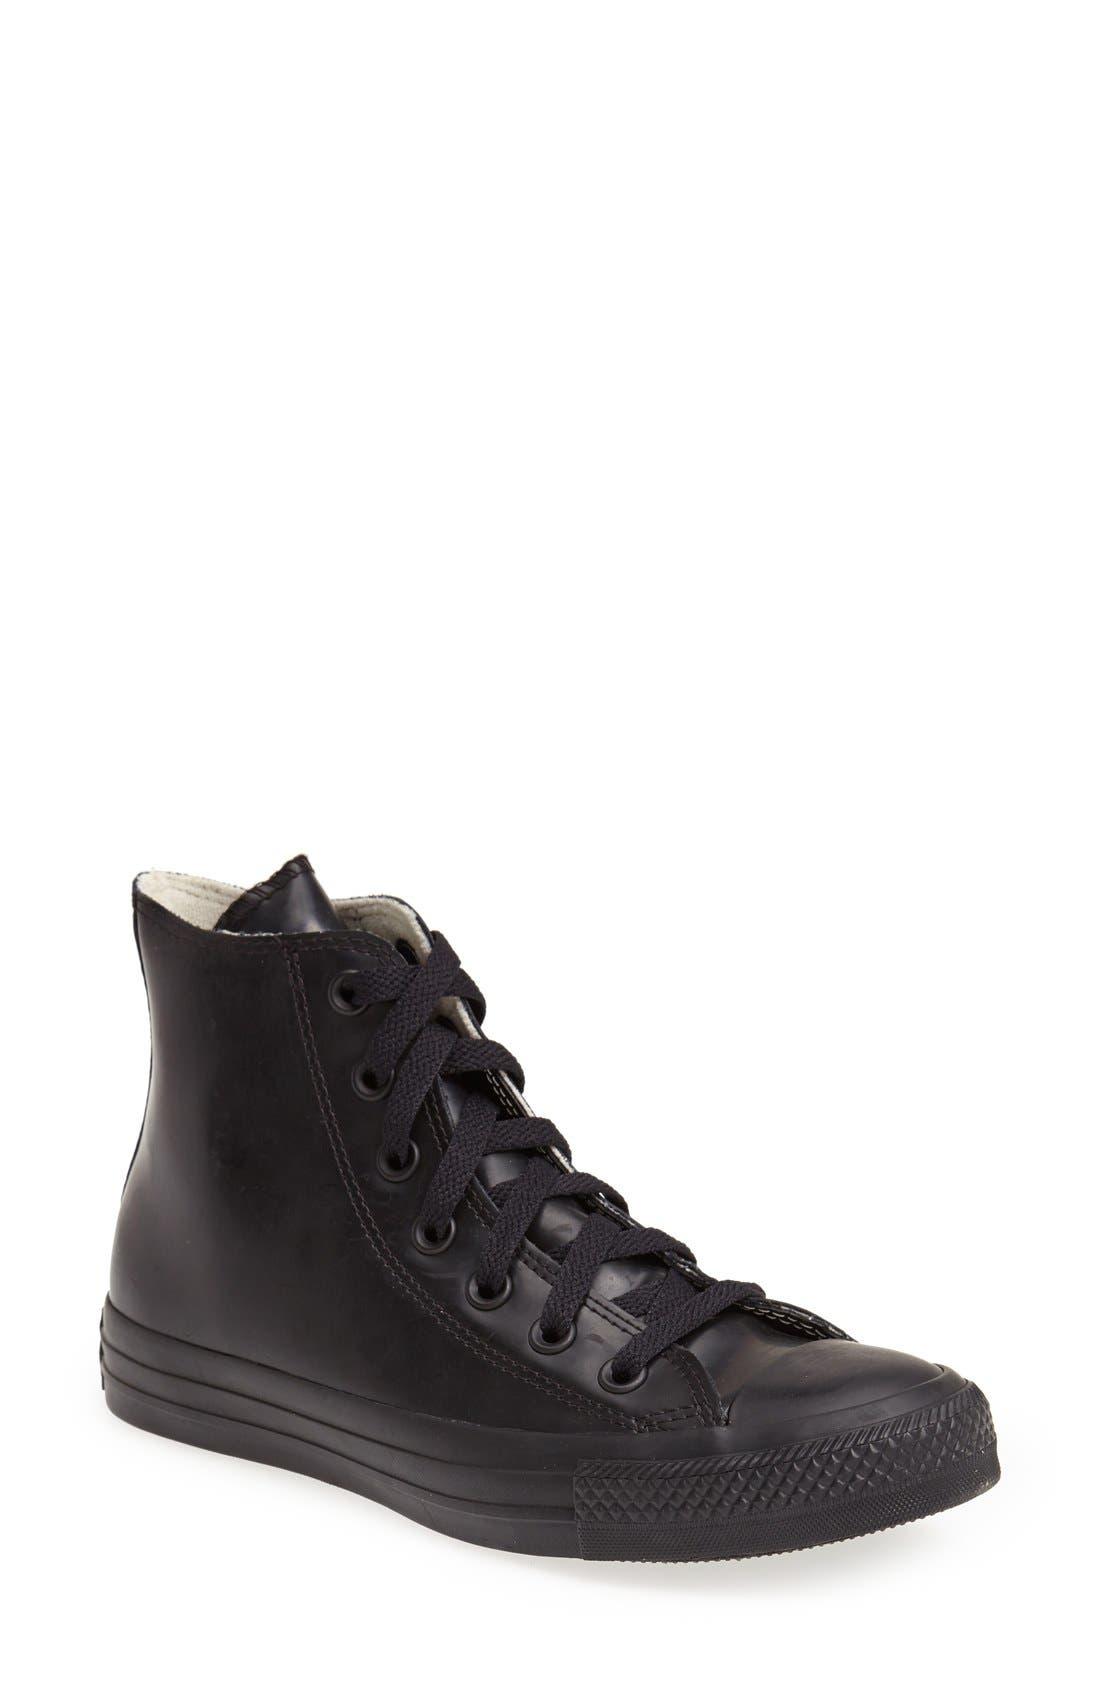 Main Image - Chuck Taylor® All Star® Waterproof Rubber Rain Sneaker (Women)